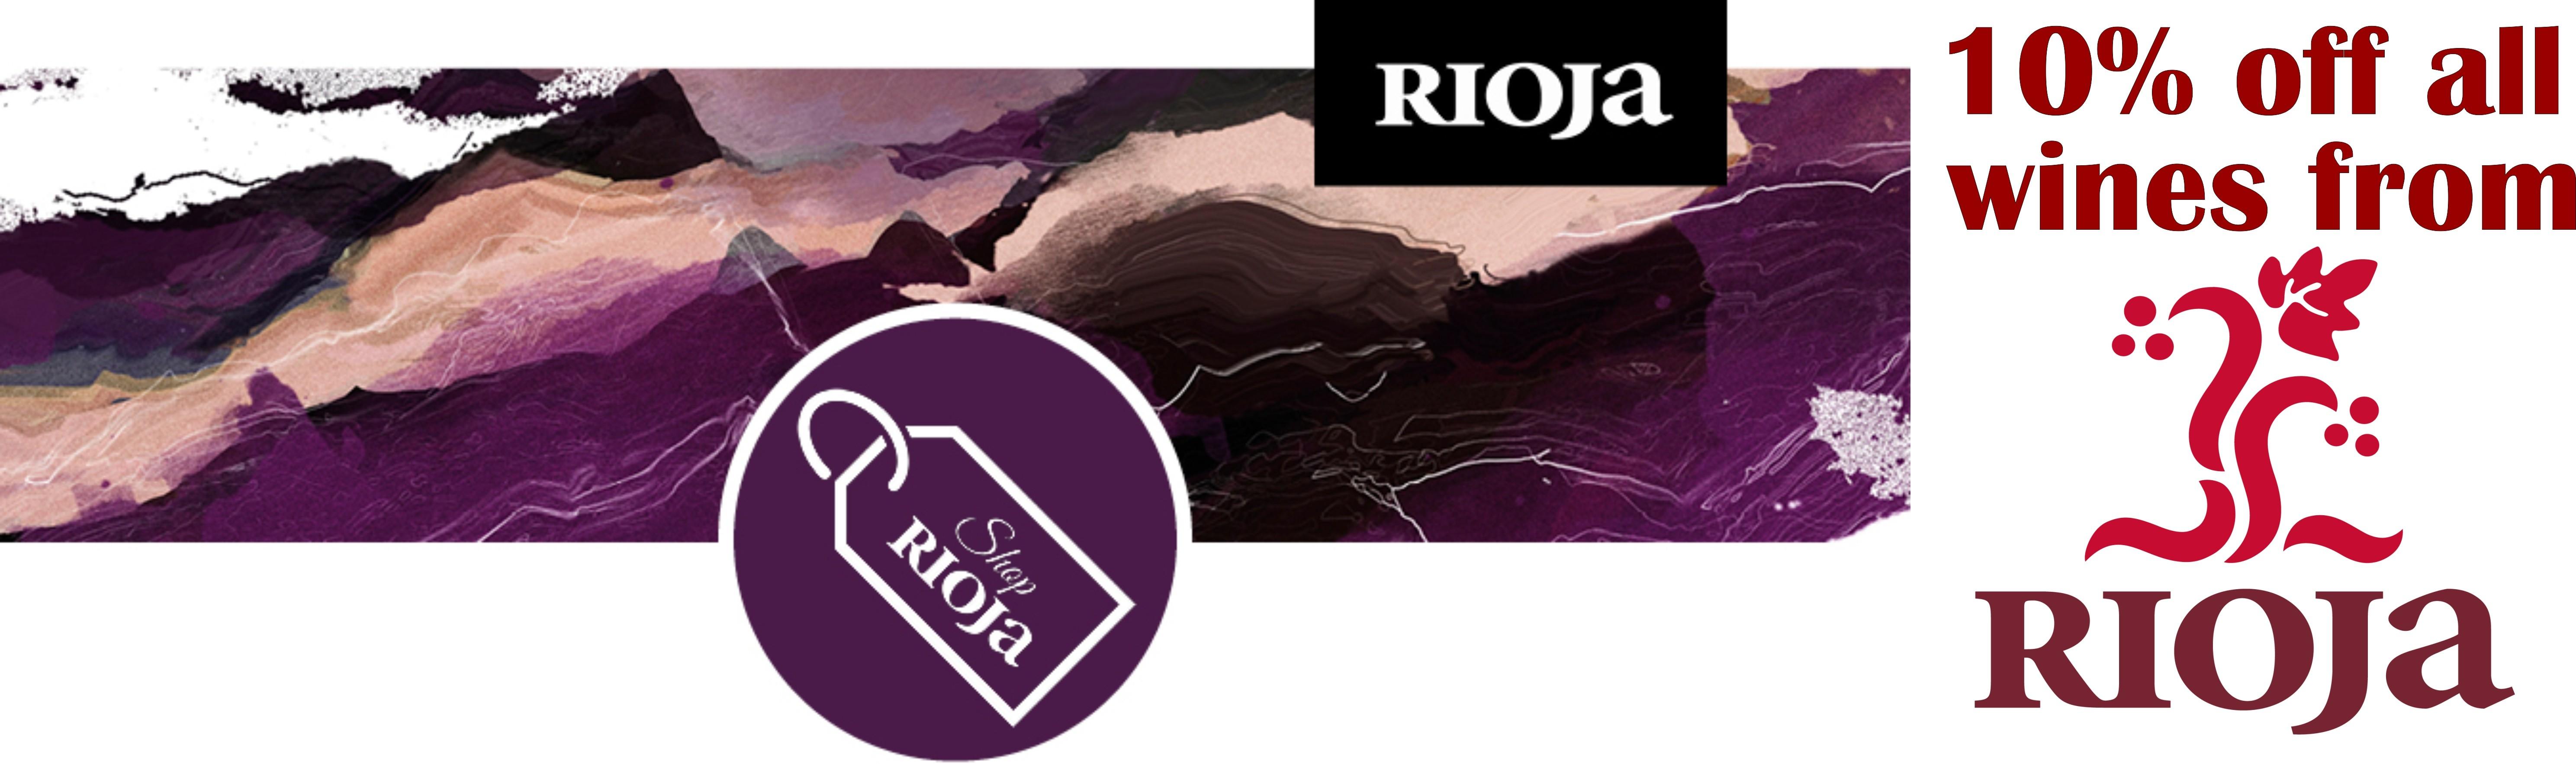 Rioja Wine sale